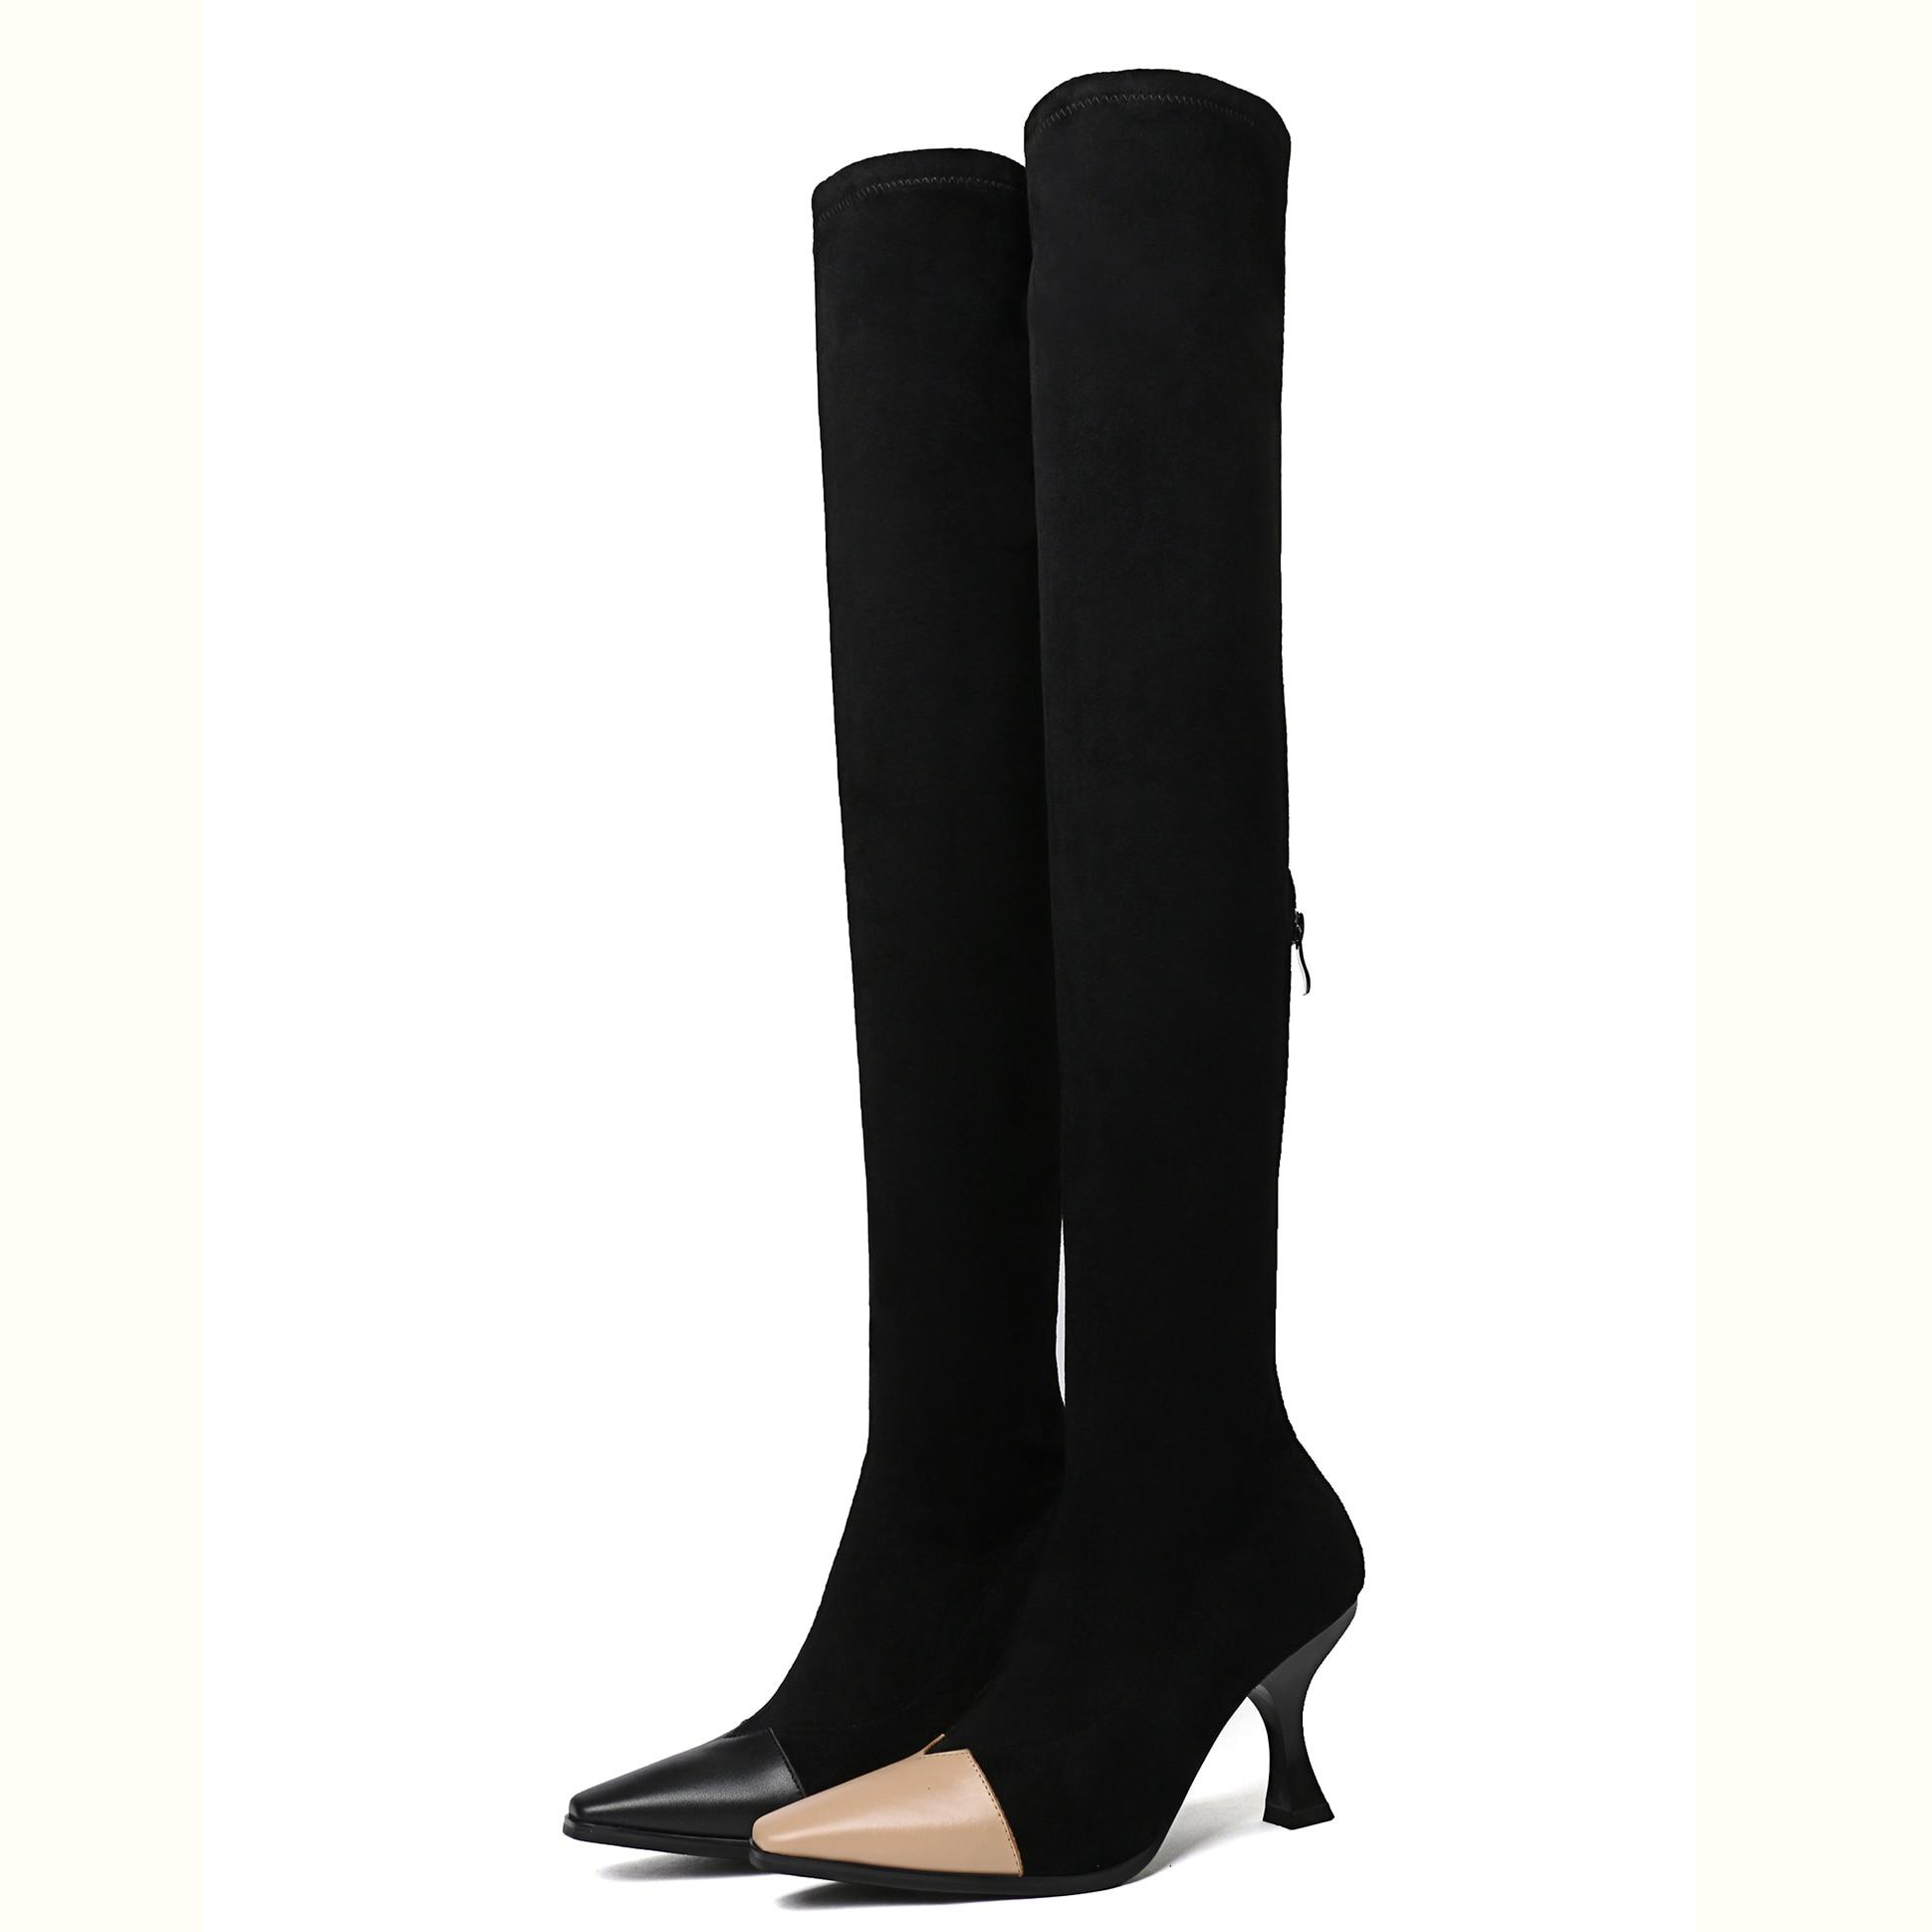 Talons Enmayer Cours 39 Des Cr1011 Au Minces Hiver Chaussures 34 Bottes Automne Hautes black Cuir Longues De Pour En Femmes Apricot Mode Taille qErqwH7